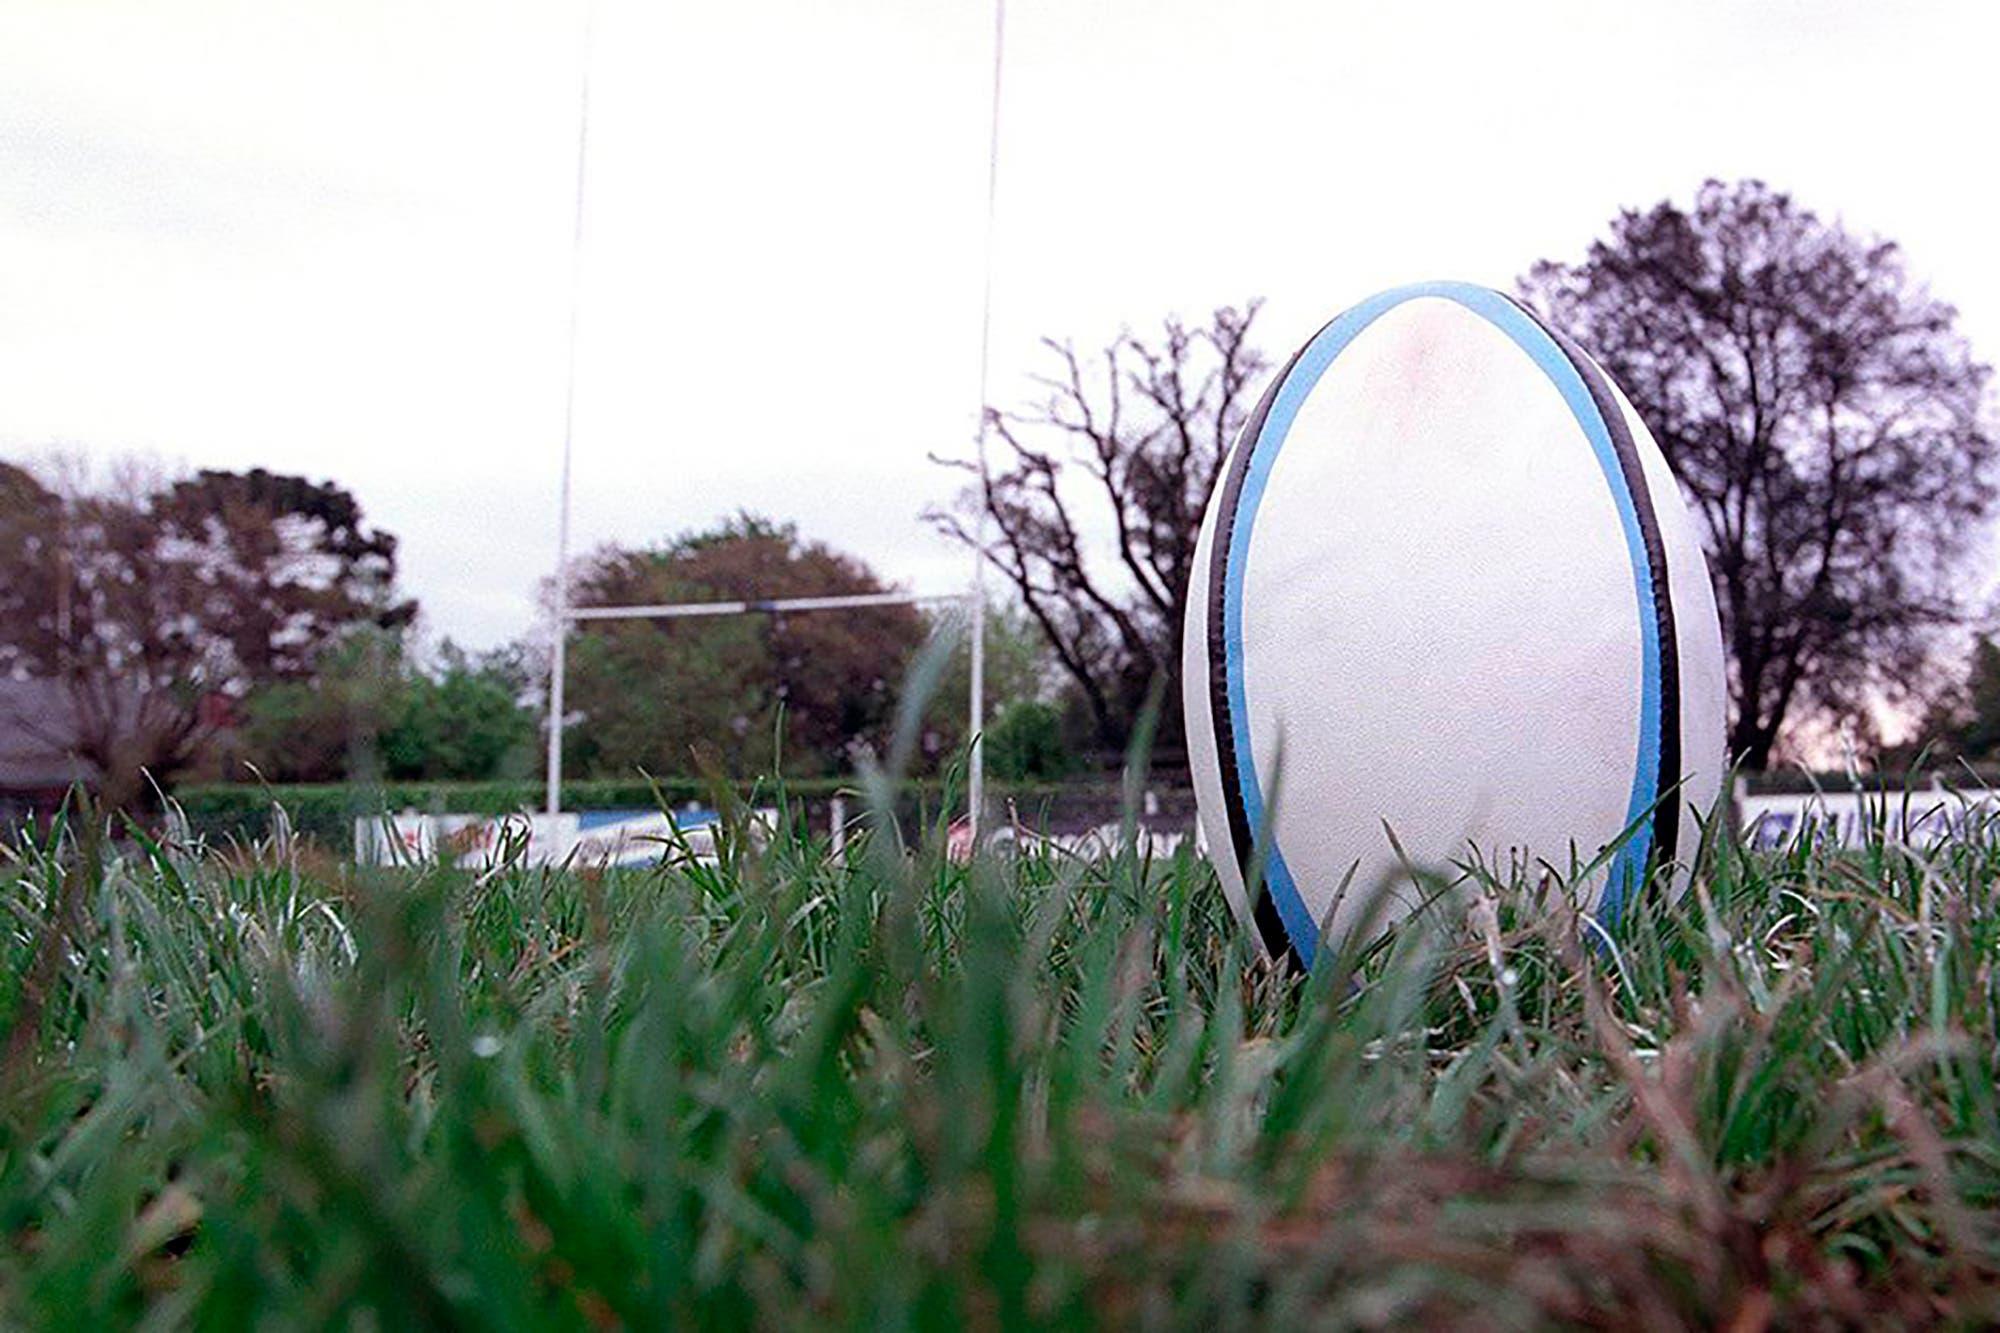 El rugby local sufre el impacto de no tener torneos en 2020: cómo piensa rearmarse mientras espera el vía libre sanitario